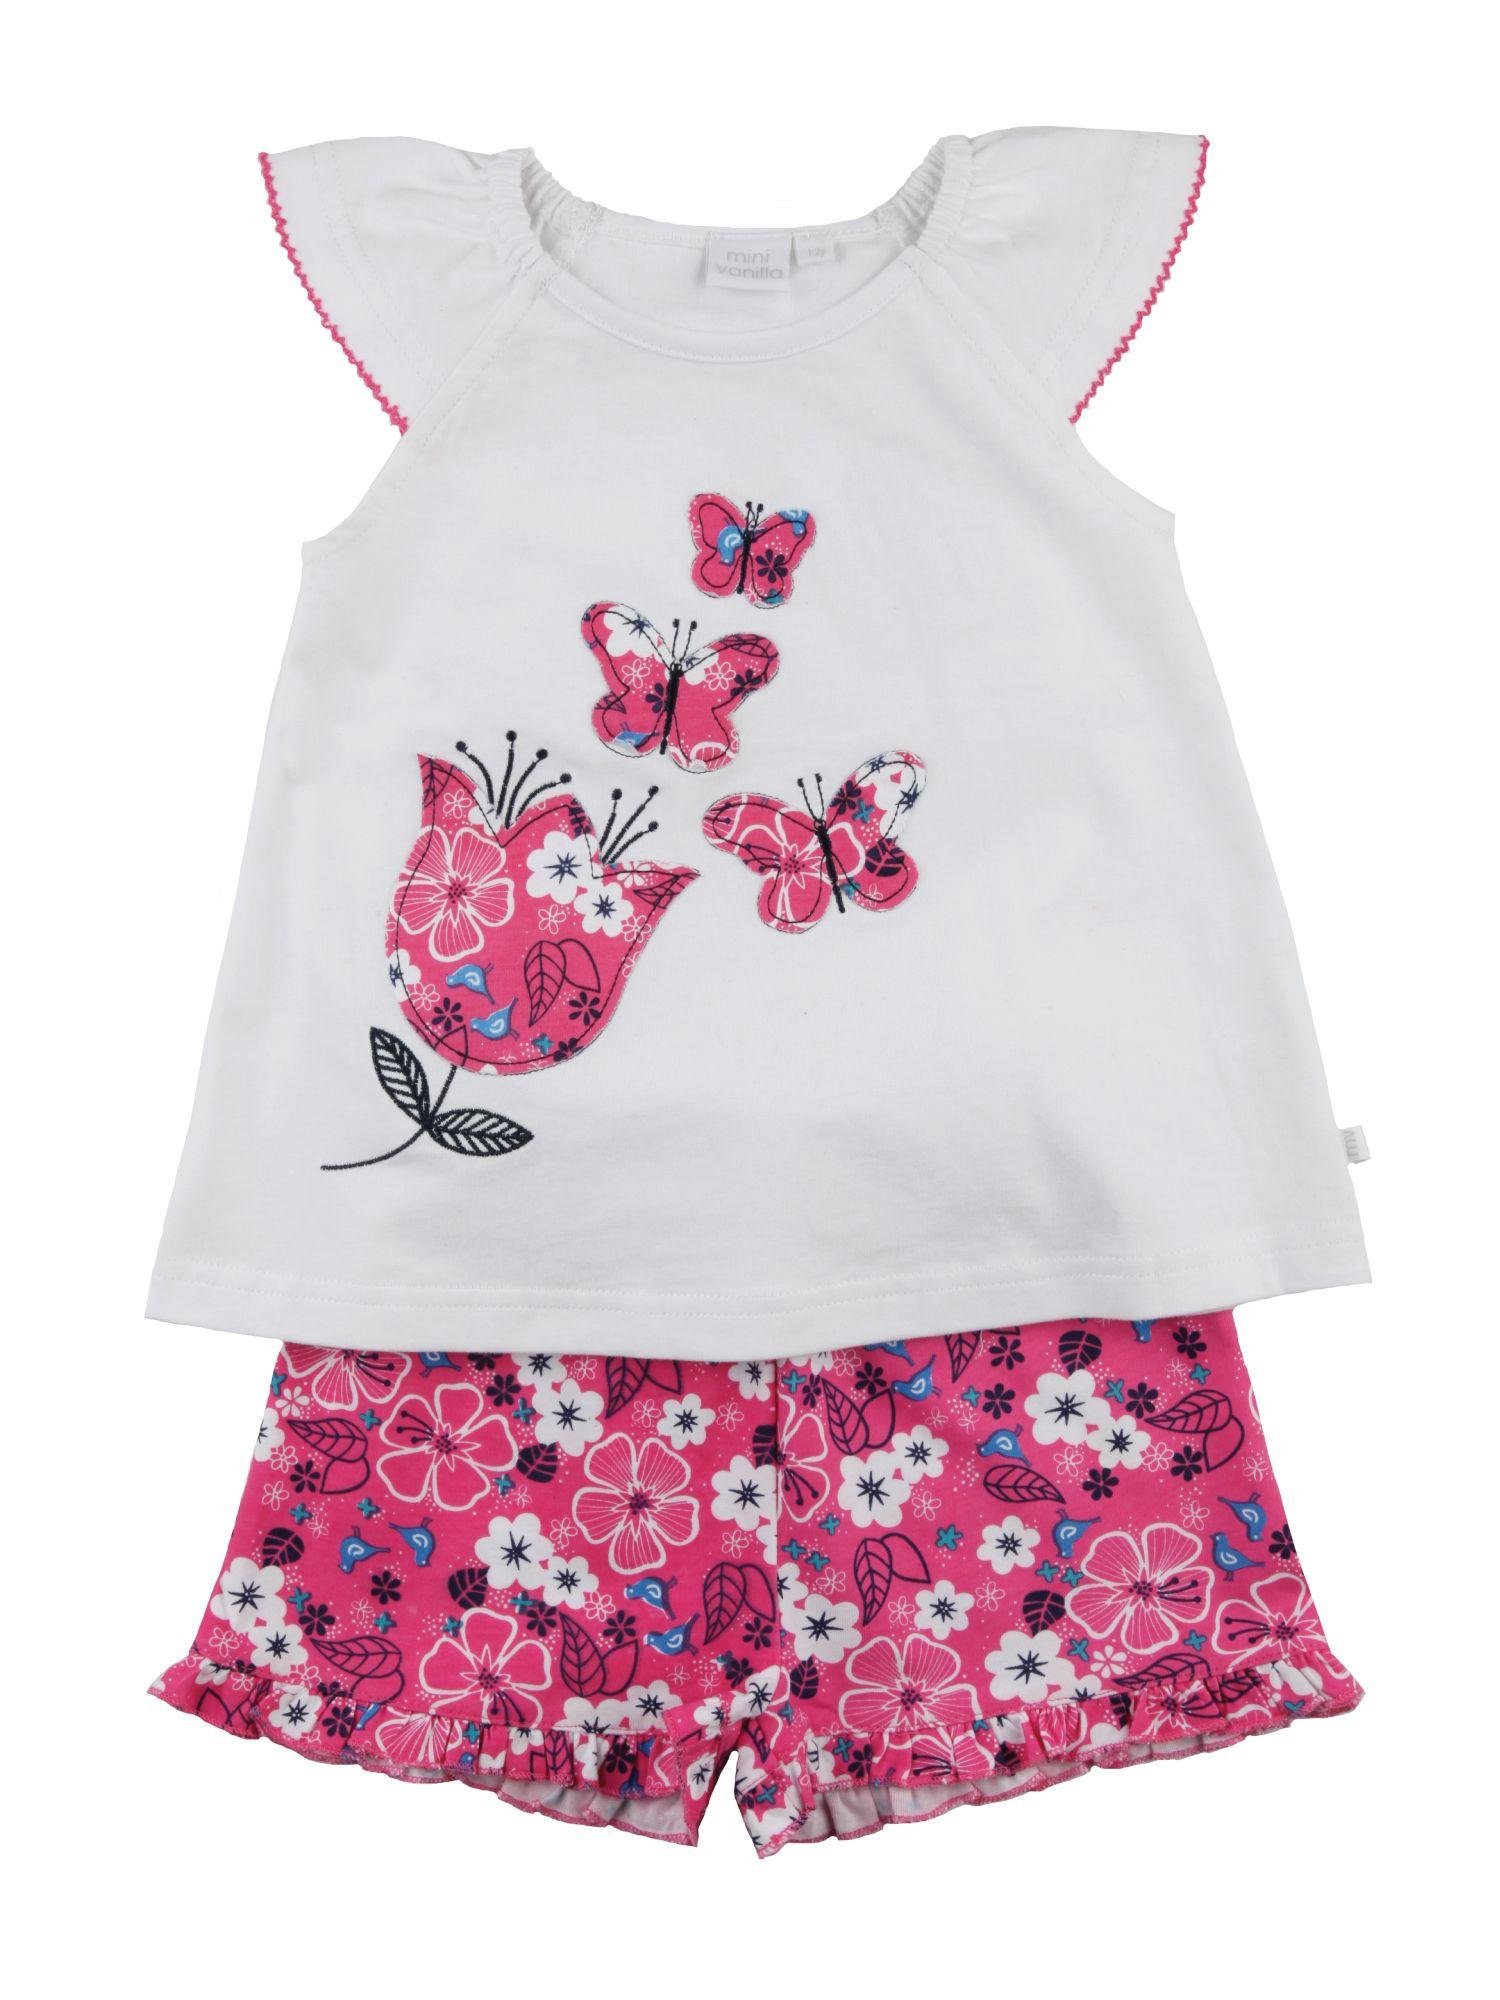 Flutterby butterfly...pretty girlie summer shortie pyjamas